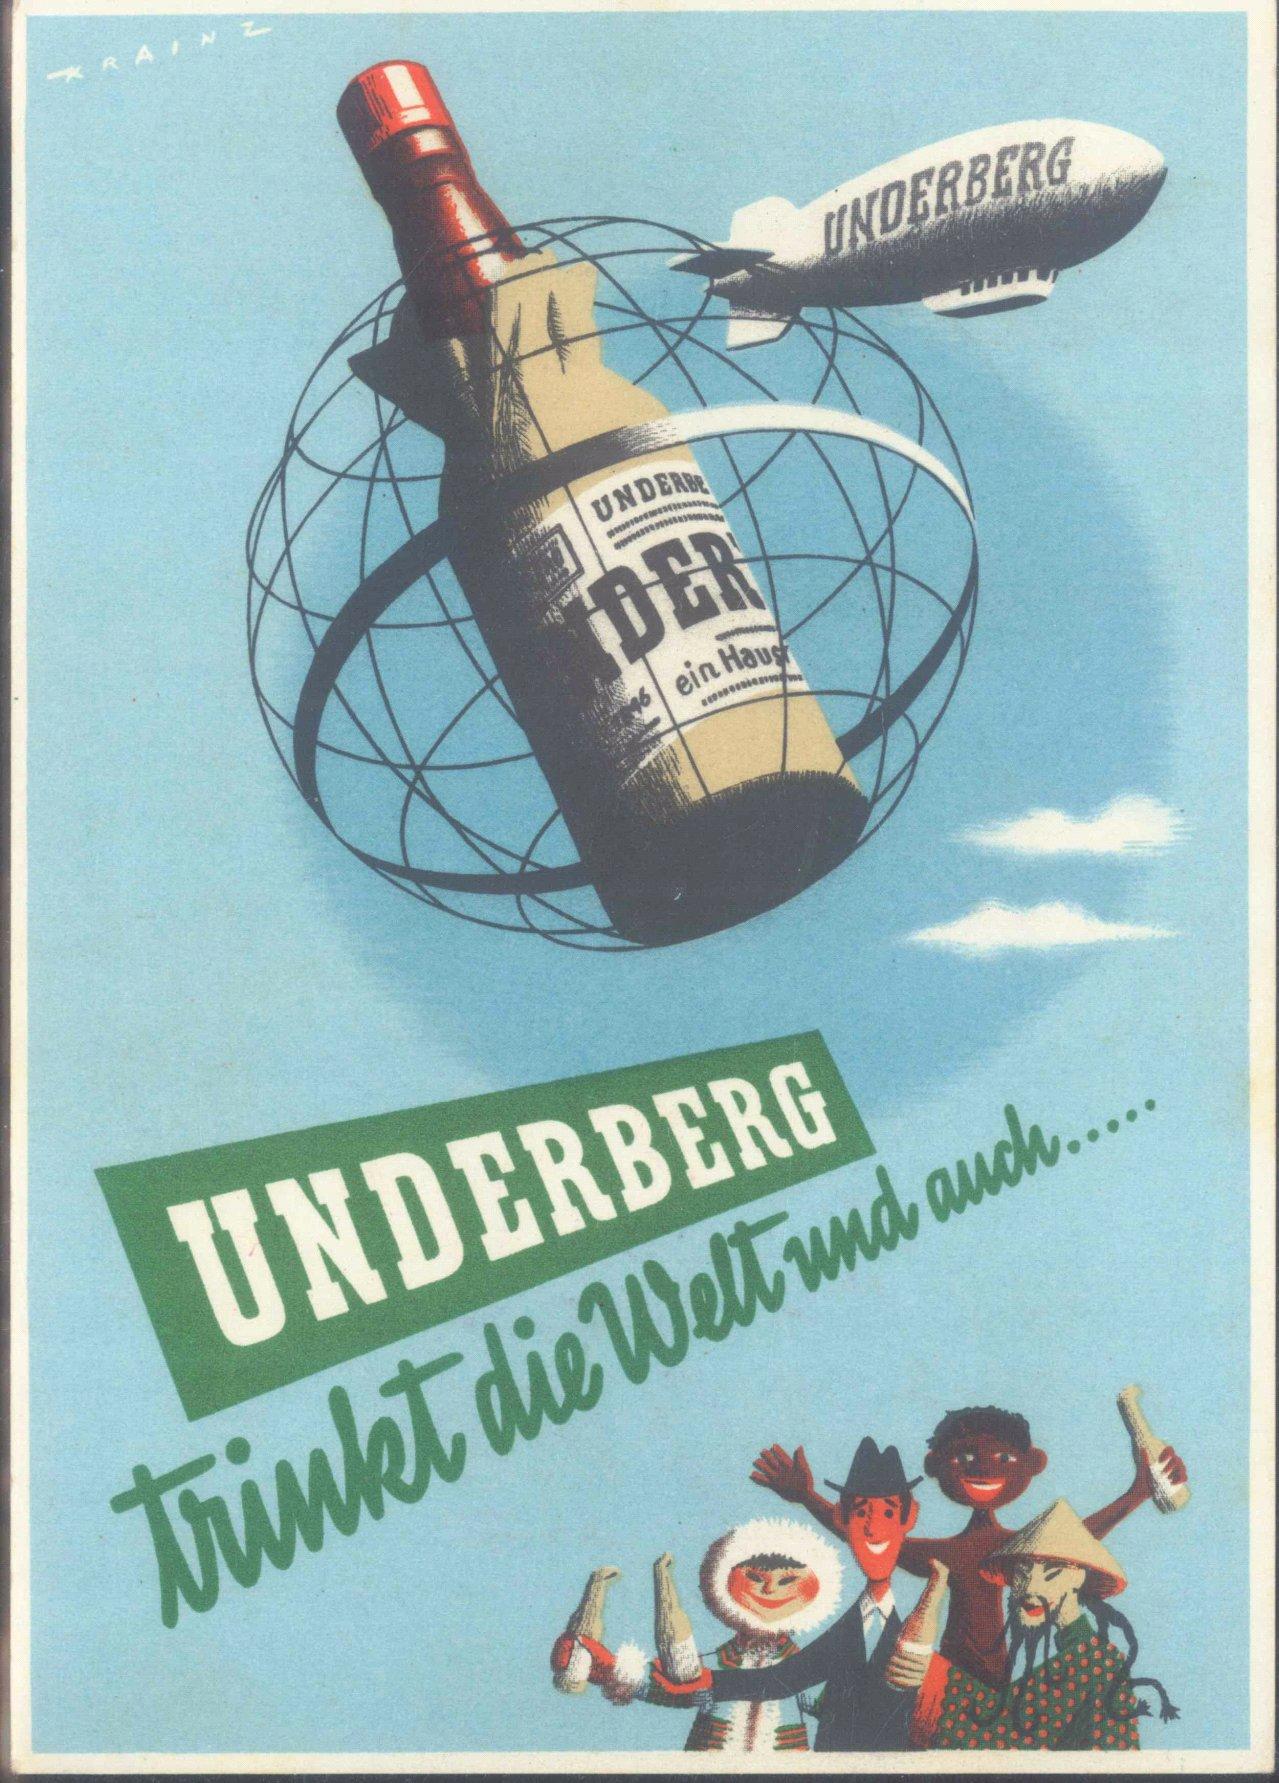 MOTIV SKISPRINGEN KULM 1959,UNDERBERG,ZEPPELIN,VERRÜCKTE….